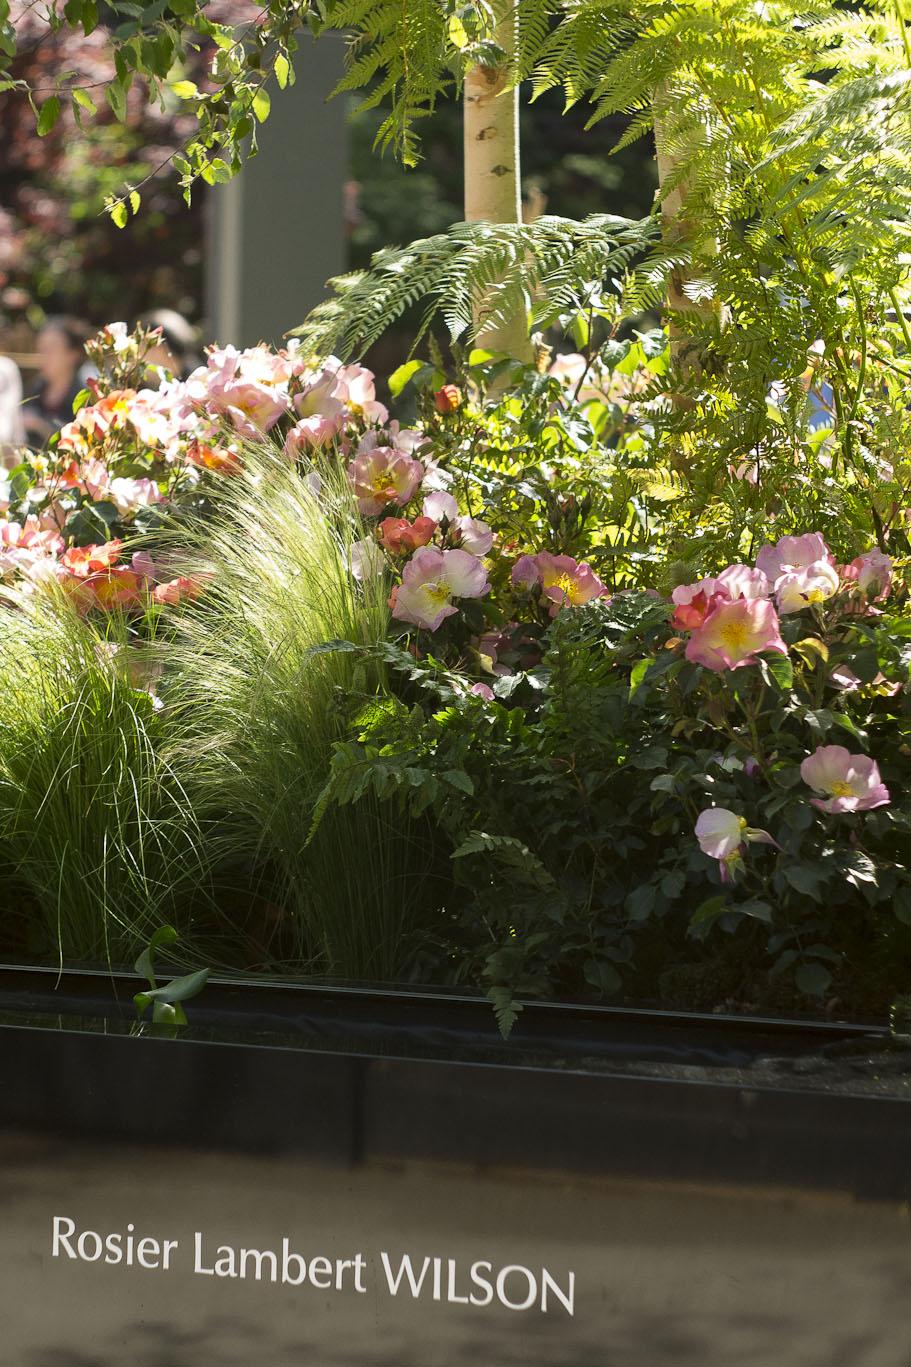 Le nouveau rosier lambert wilson par truffaut jardins for Jardin wilson